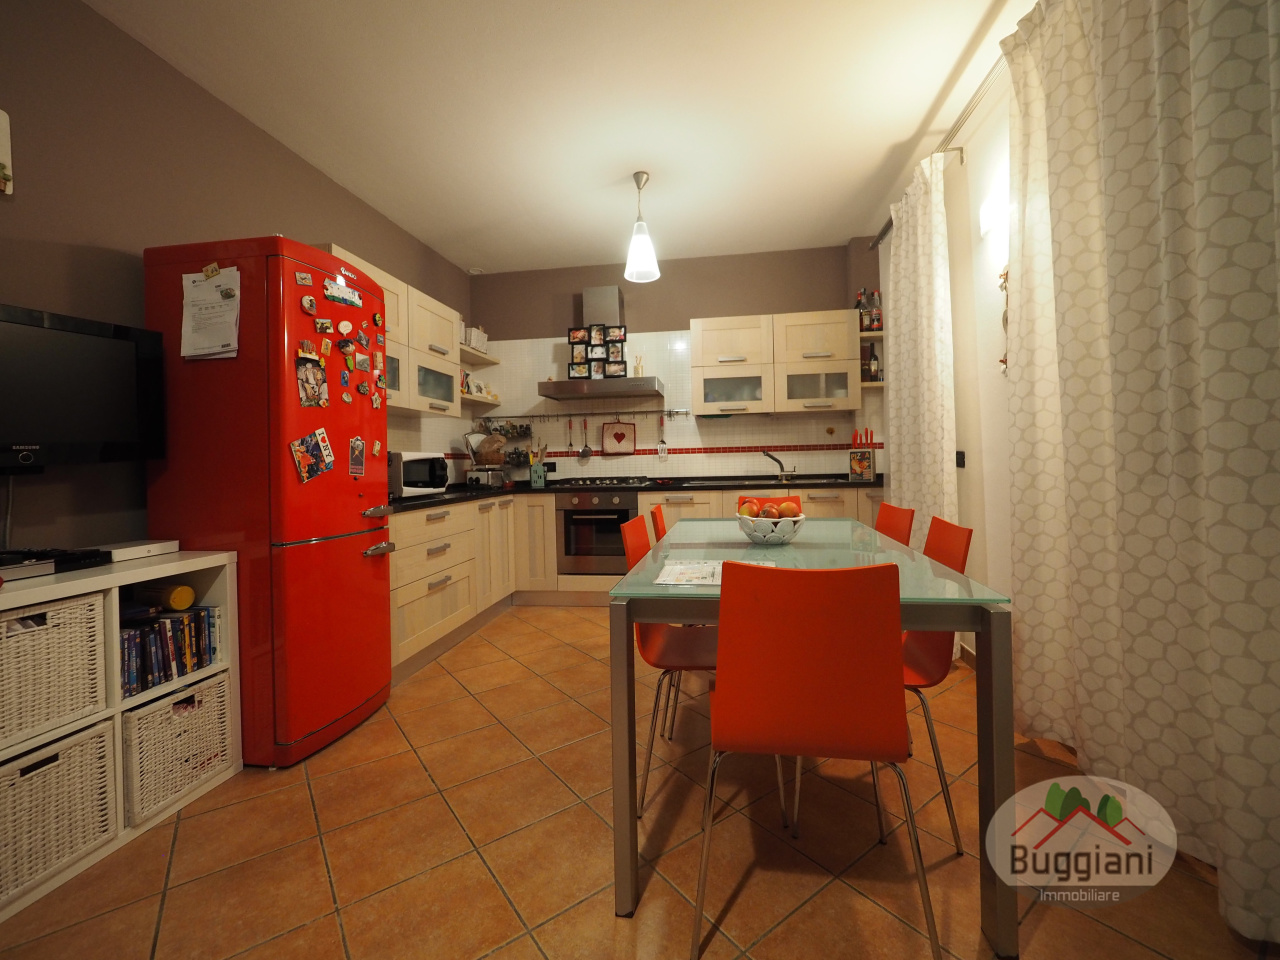 Appartamento in vendita RIF. 1672, Fucecchio (FI)